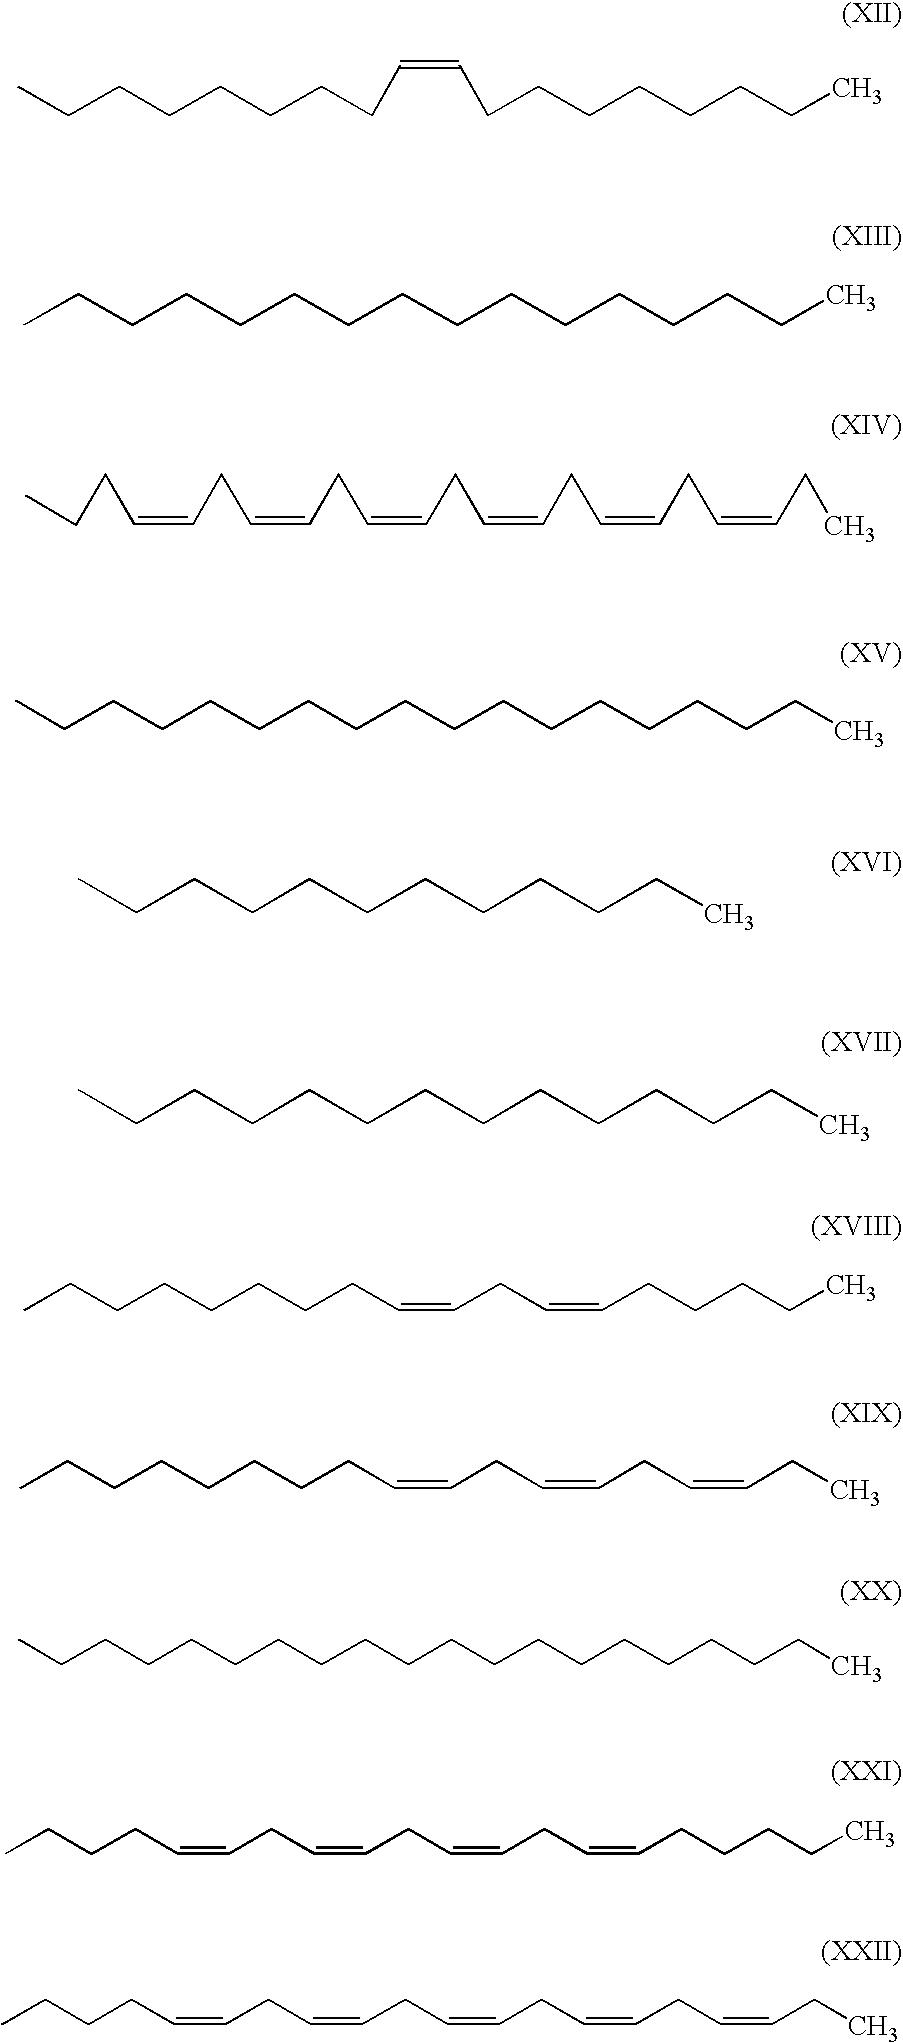 Figure US20060193905A1-20060831-C00005